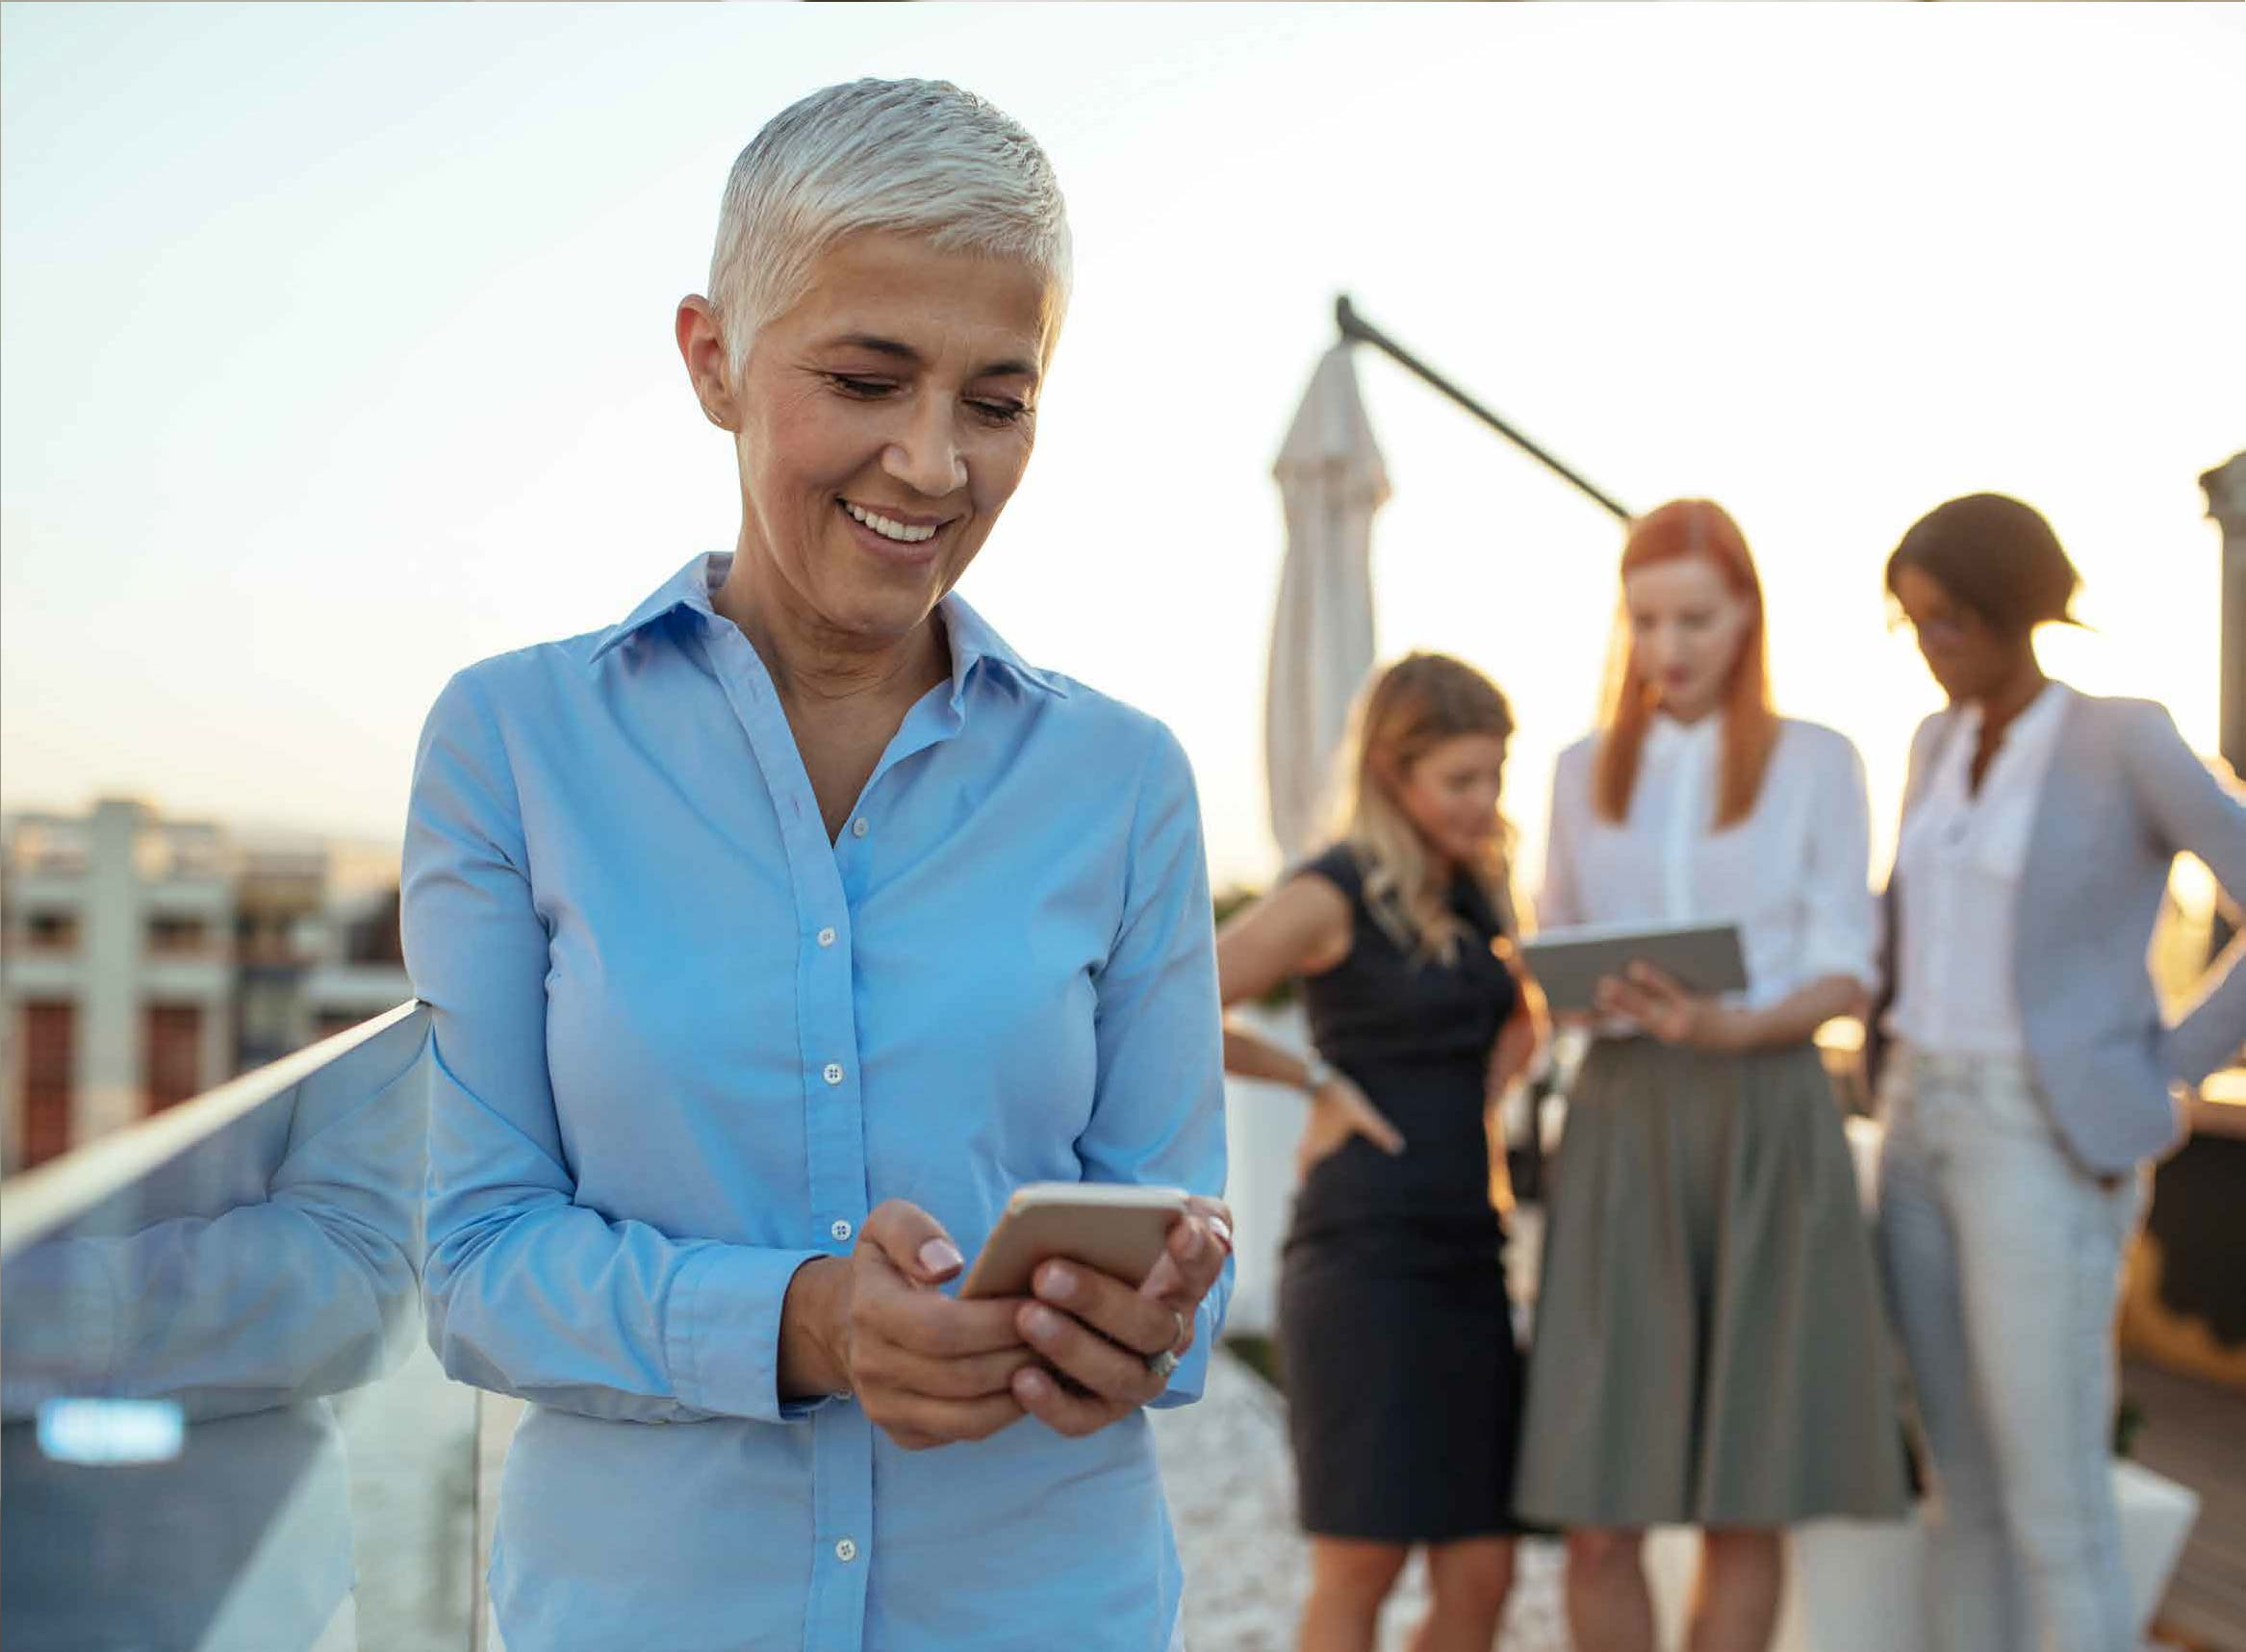 Alternsspezifische Personalplanung und MitarbeiterInnenführung